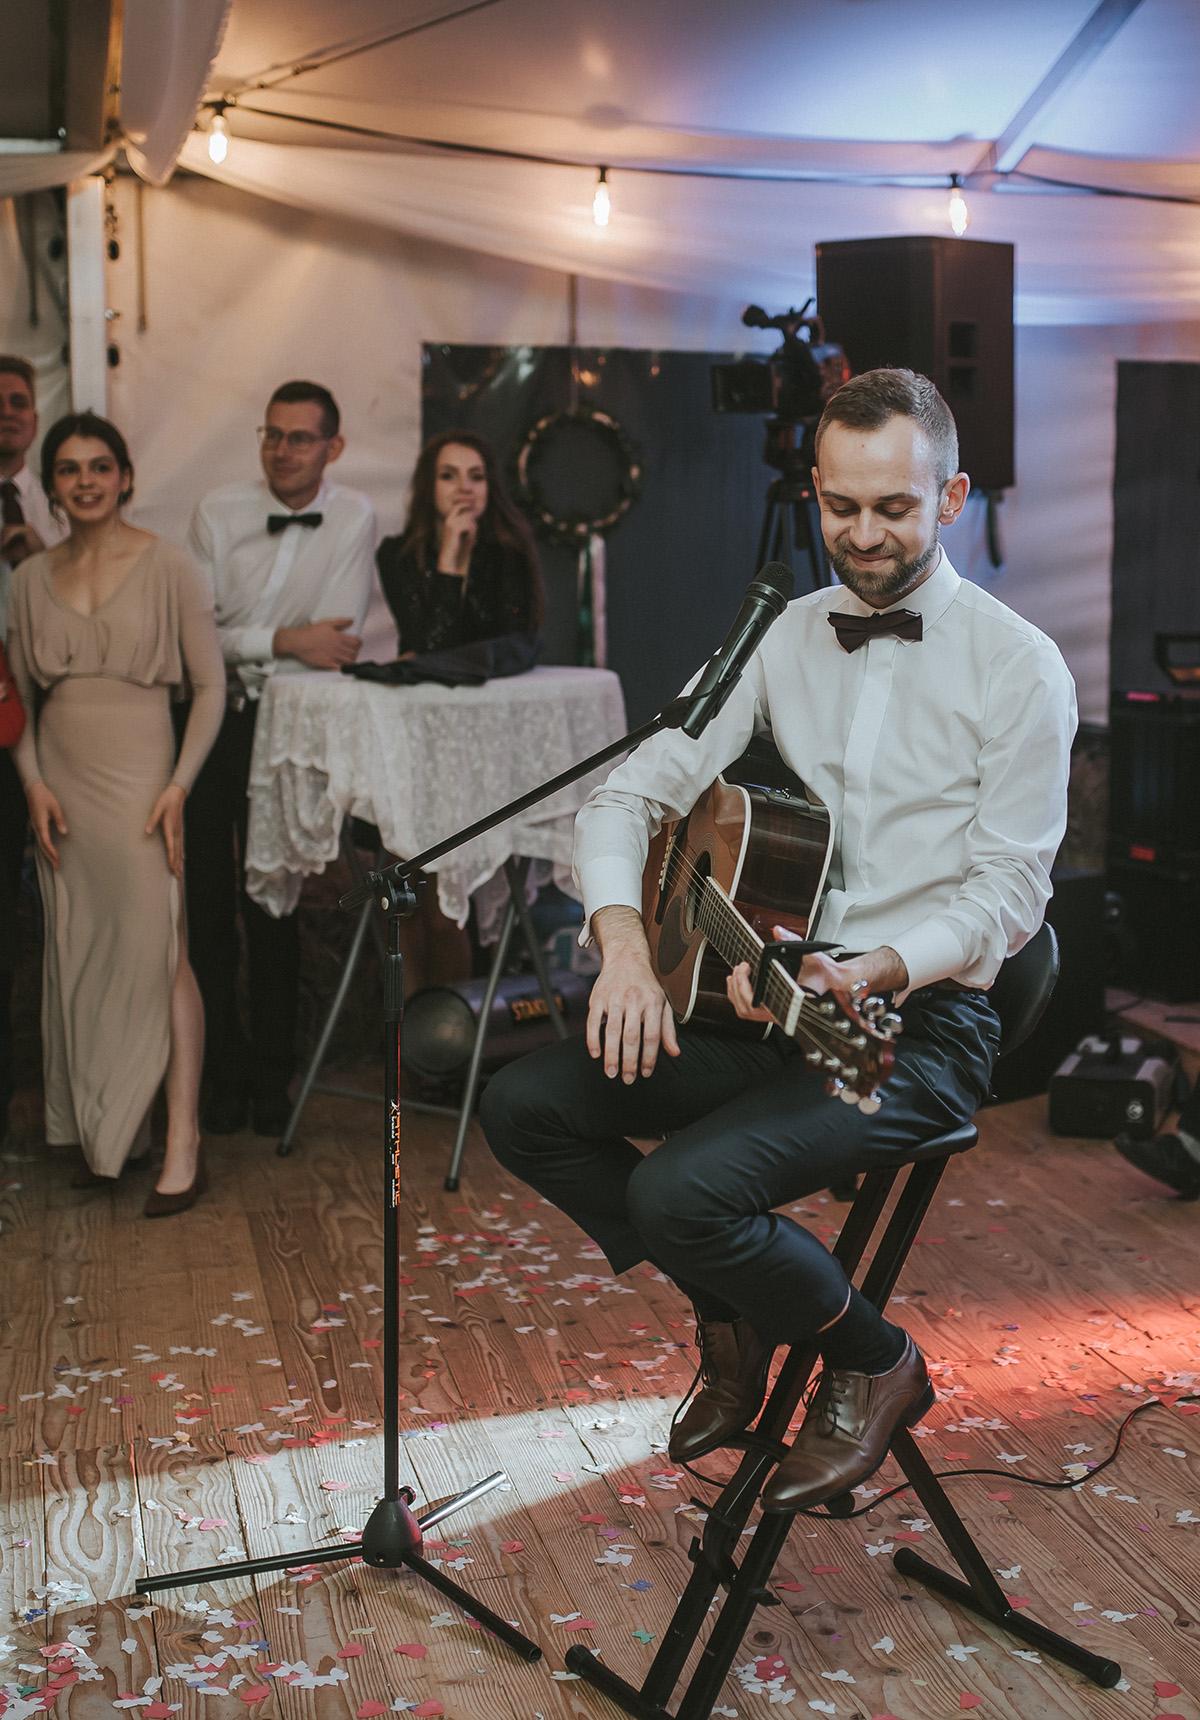 Ślubny Grajek podczas występu wokalno-instrumentalnego (oprawa muzyczna ślubu).